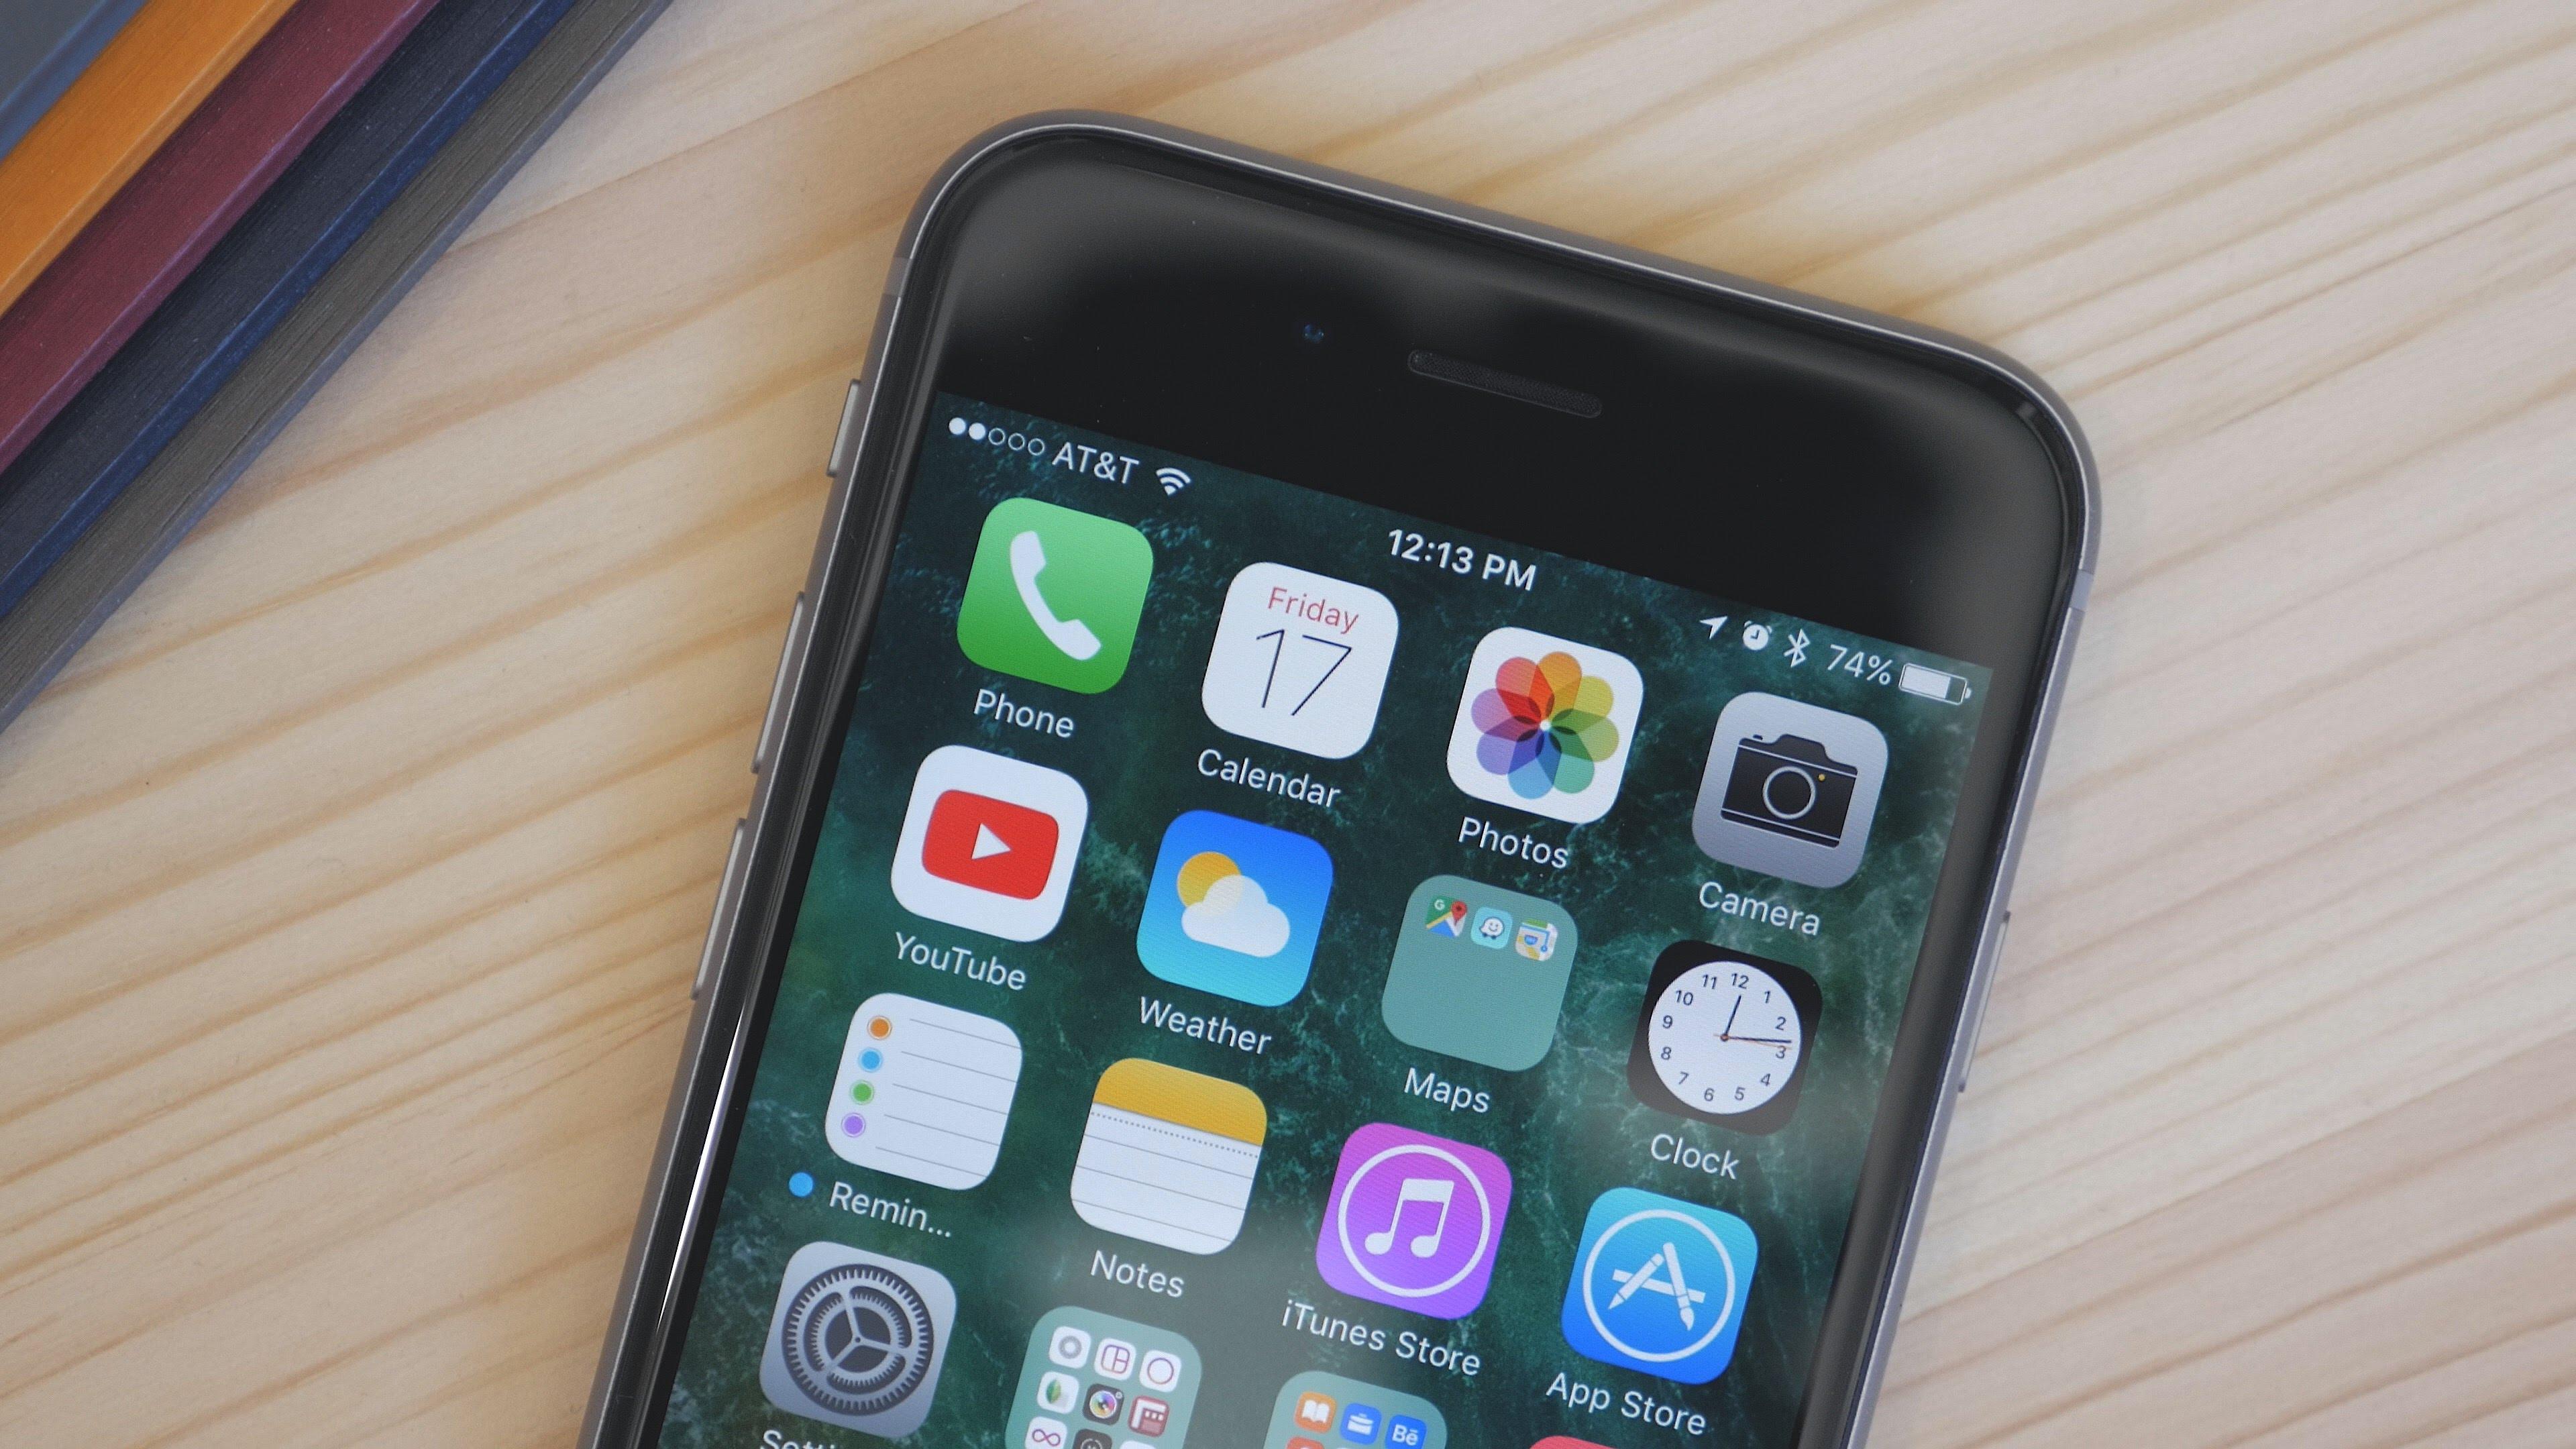 Tablet | iPhoneRoot com - Part 3